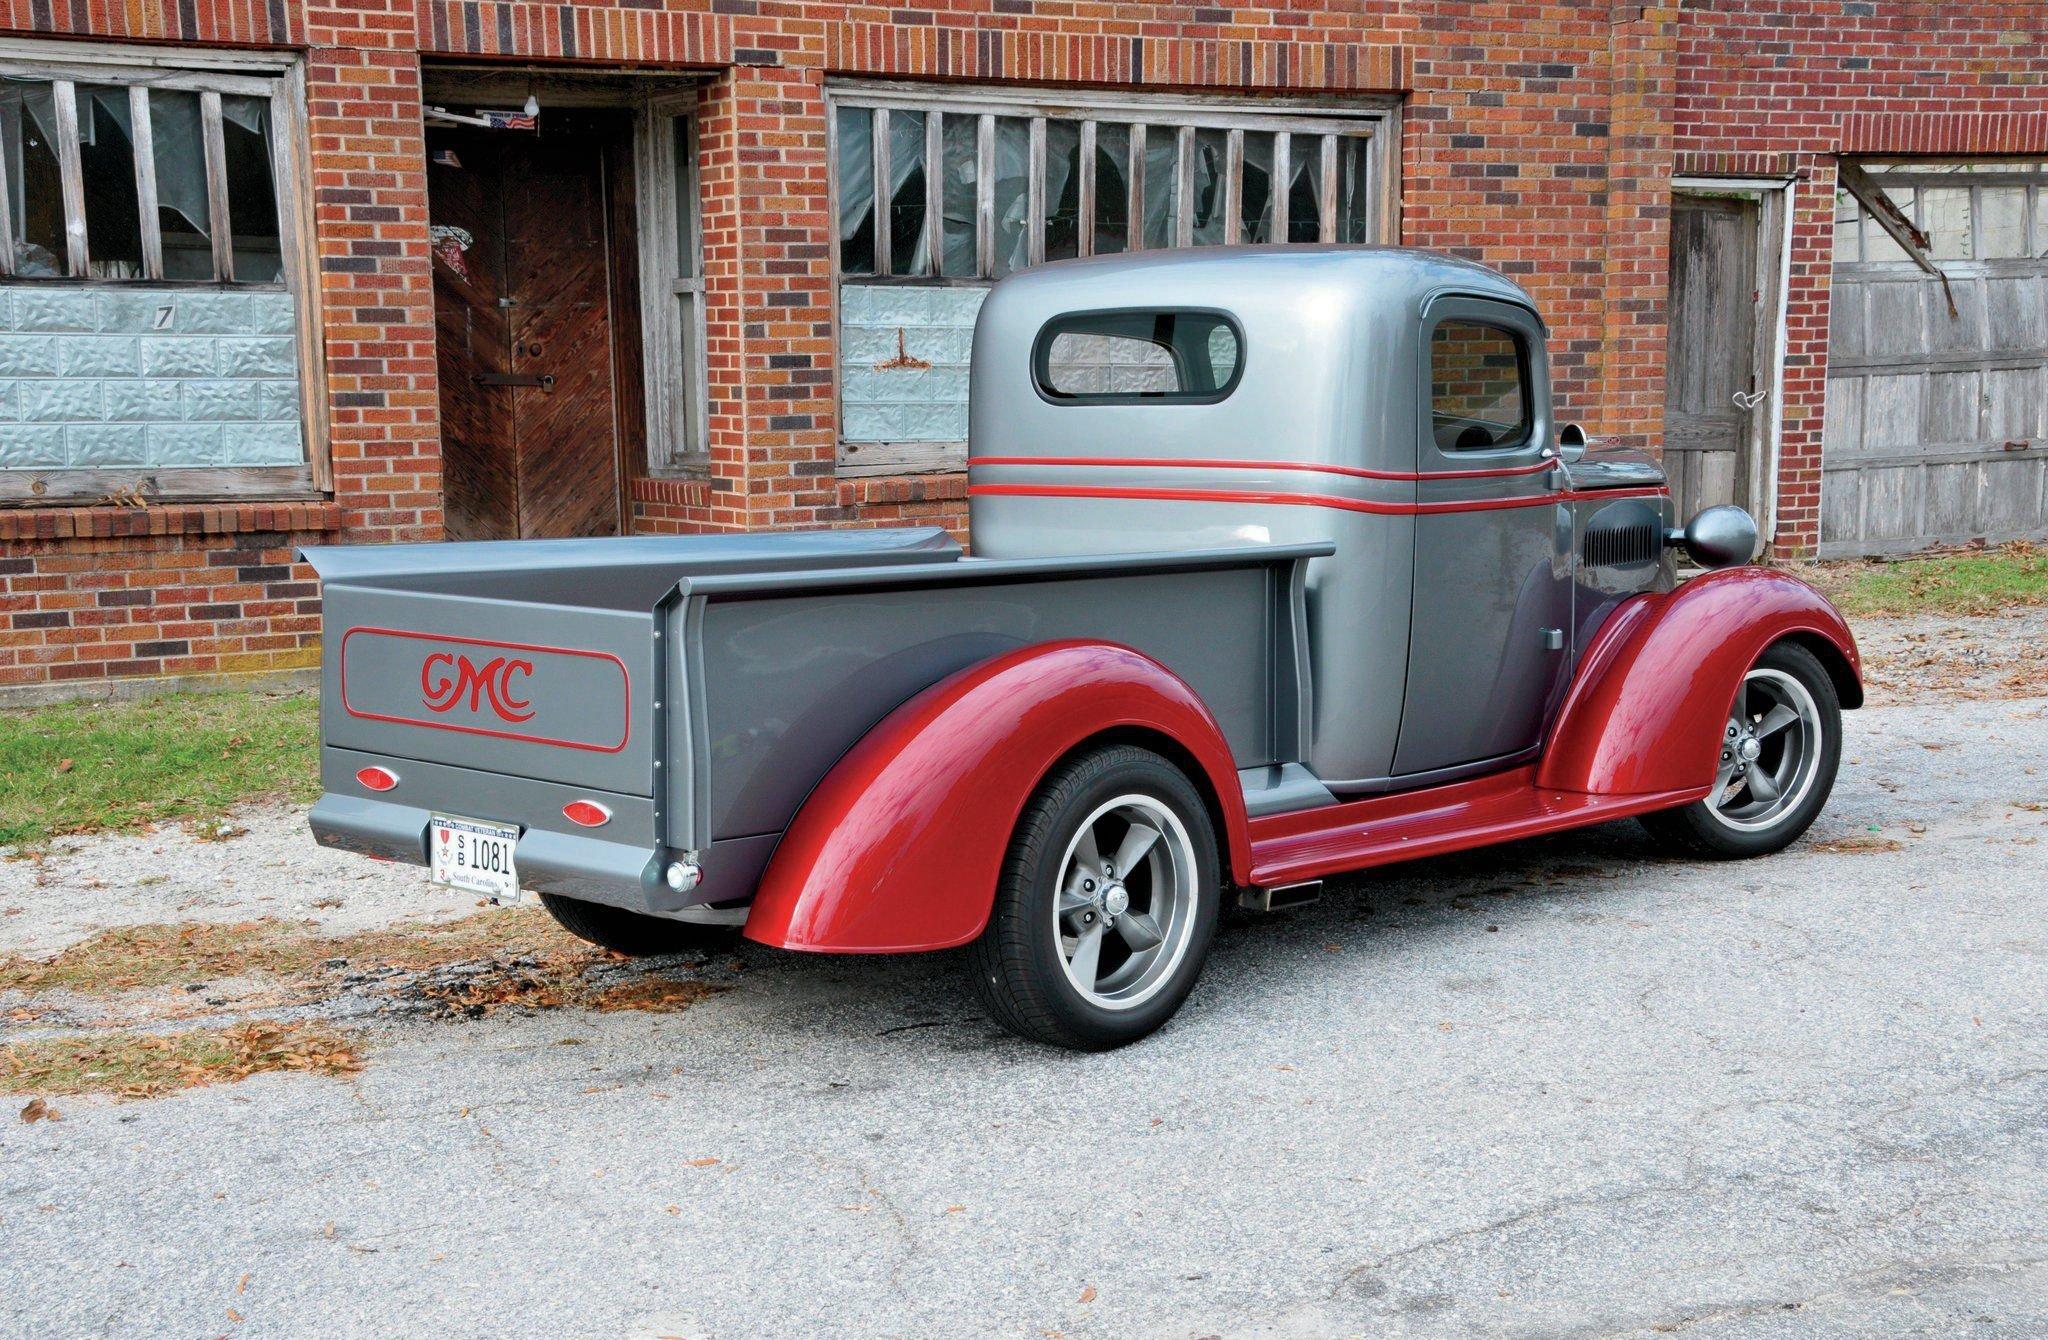 1937 GMC Truck-02 wallpaper